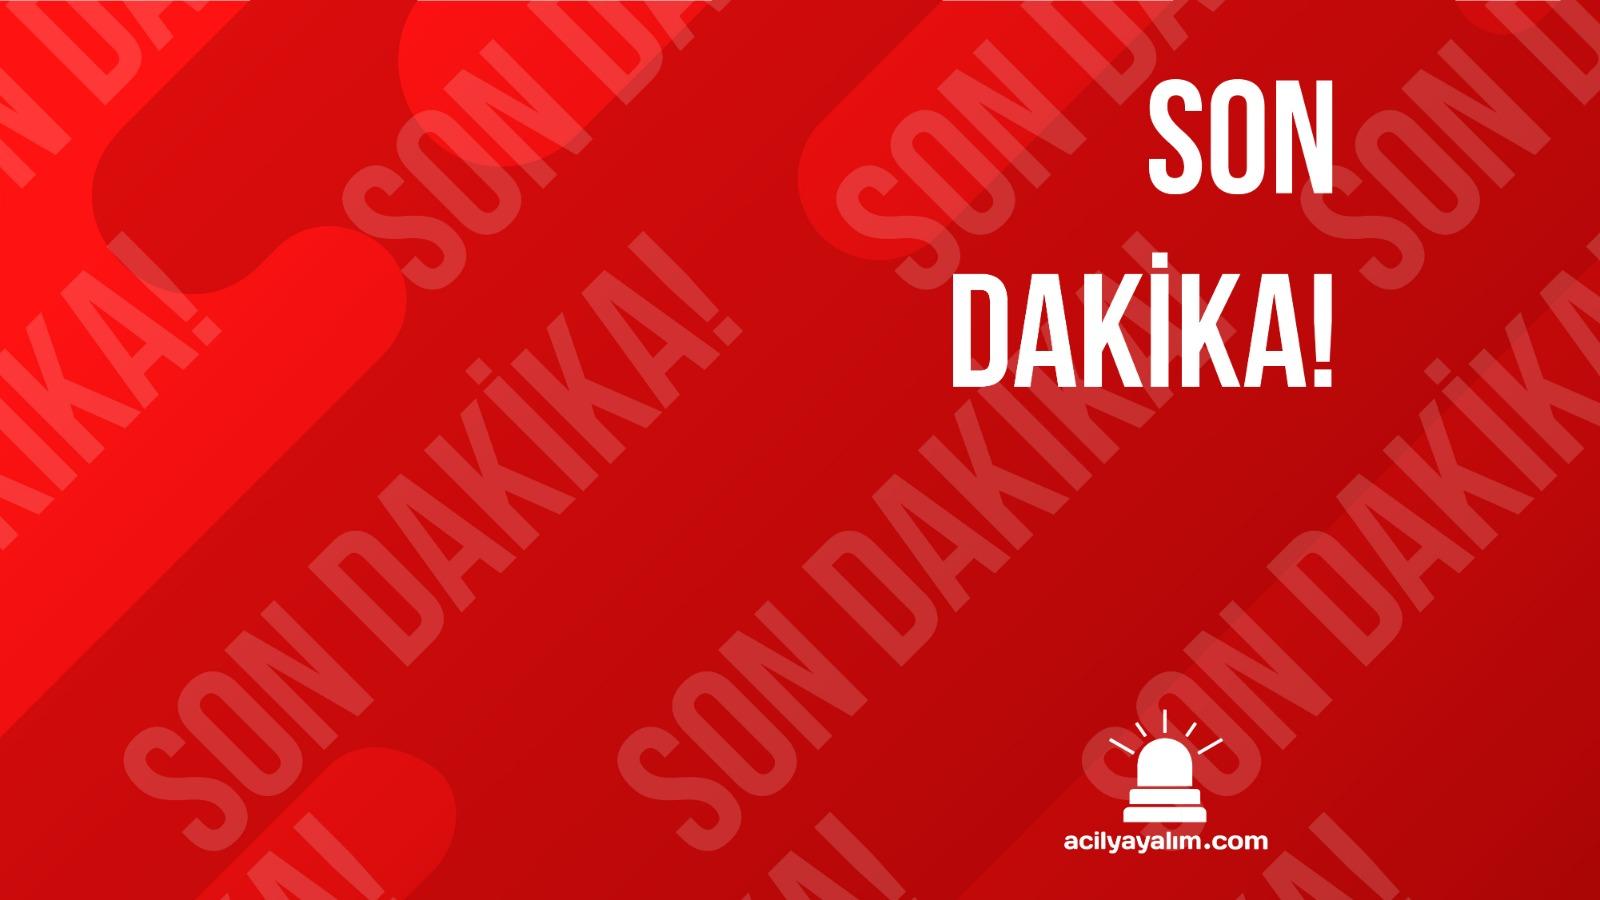 Kahramanmaraş'ta  saldırı sonucu bir polis memuru şehit oldu.